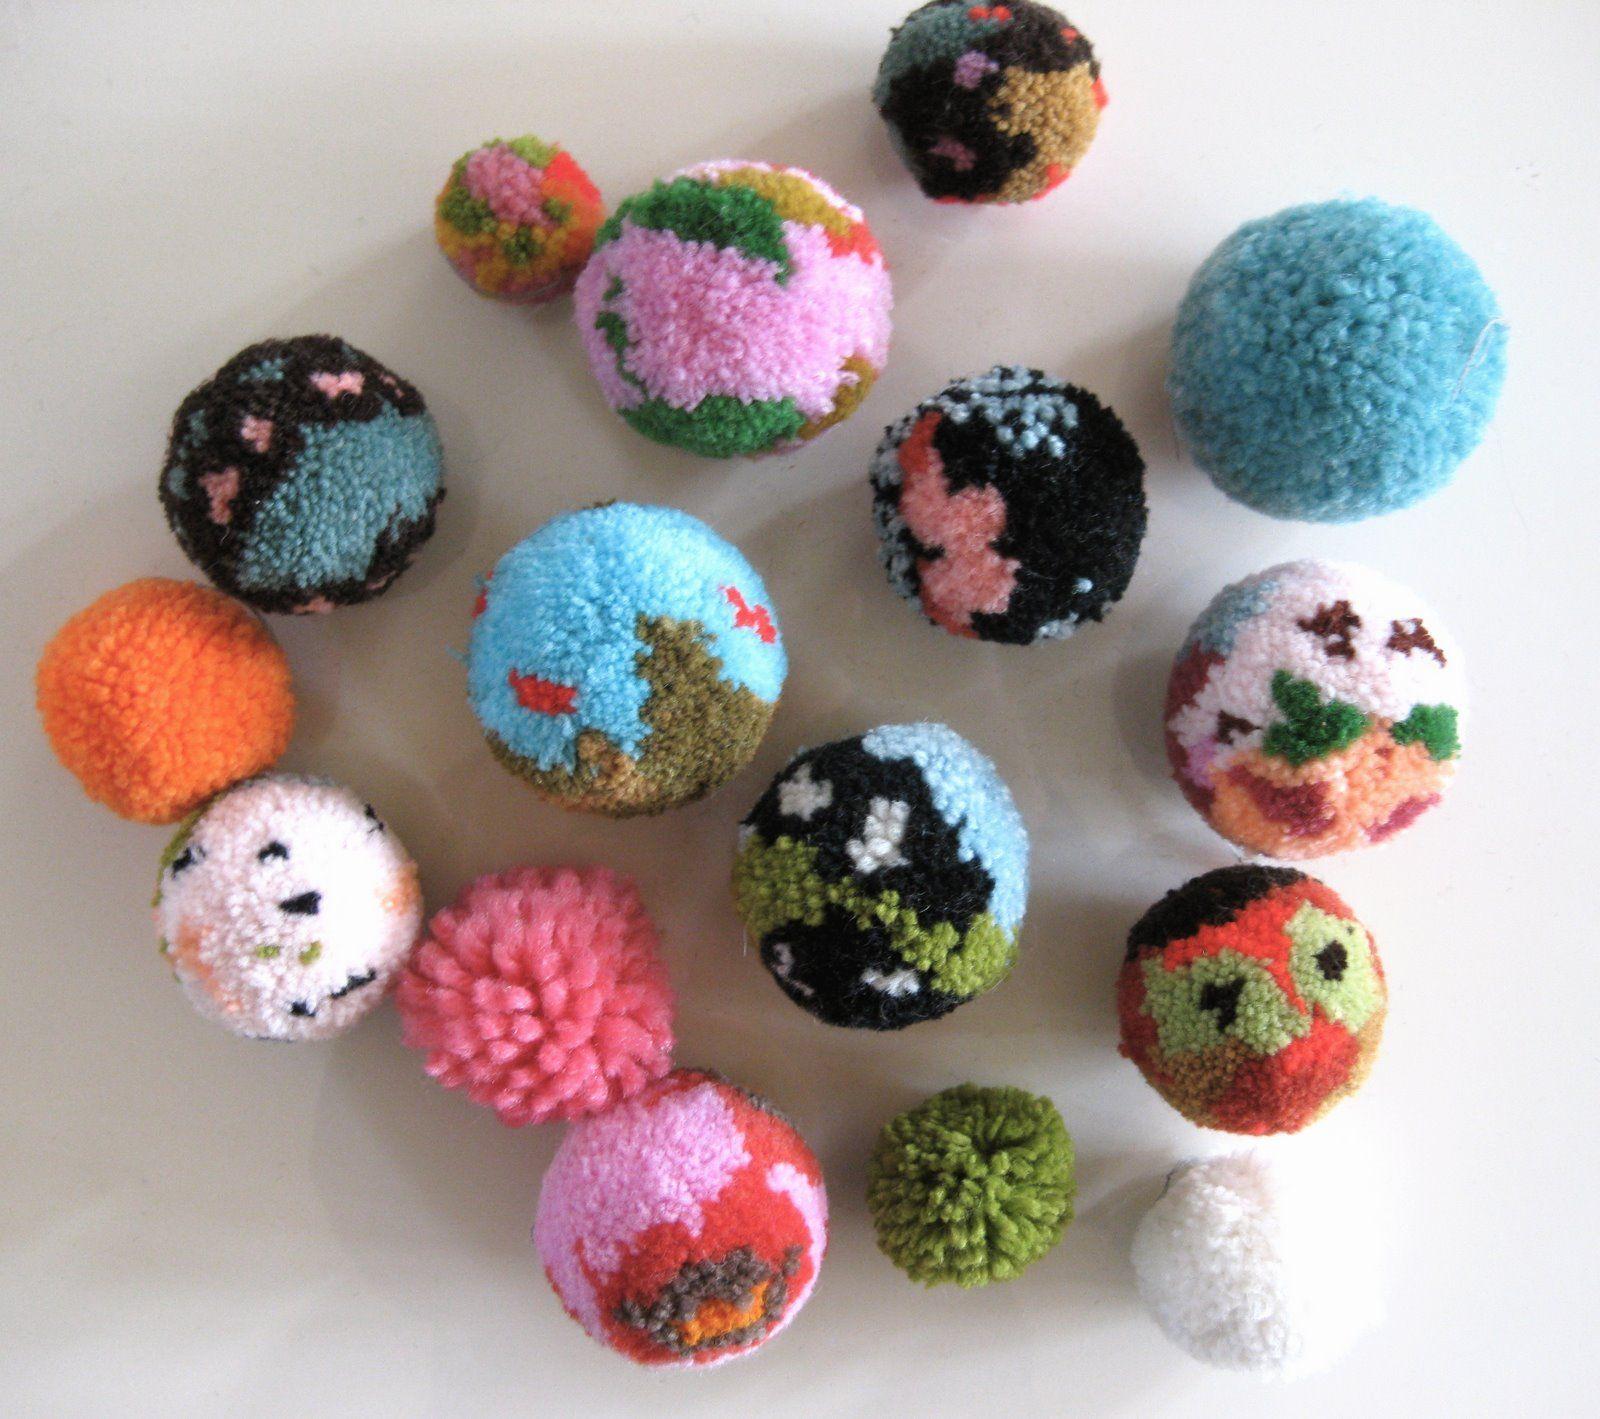 Craft pom poms in bulk - Pom Poms